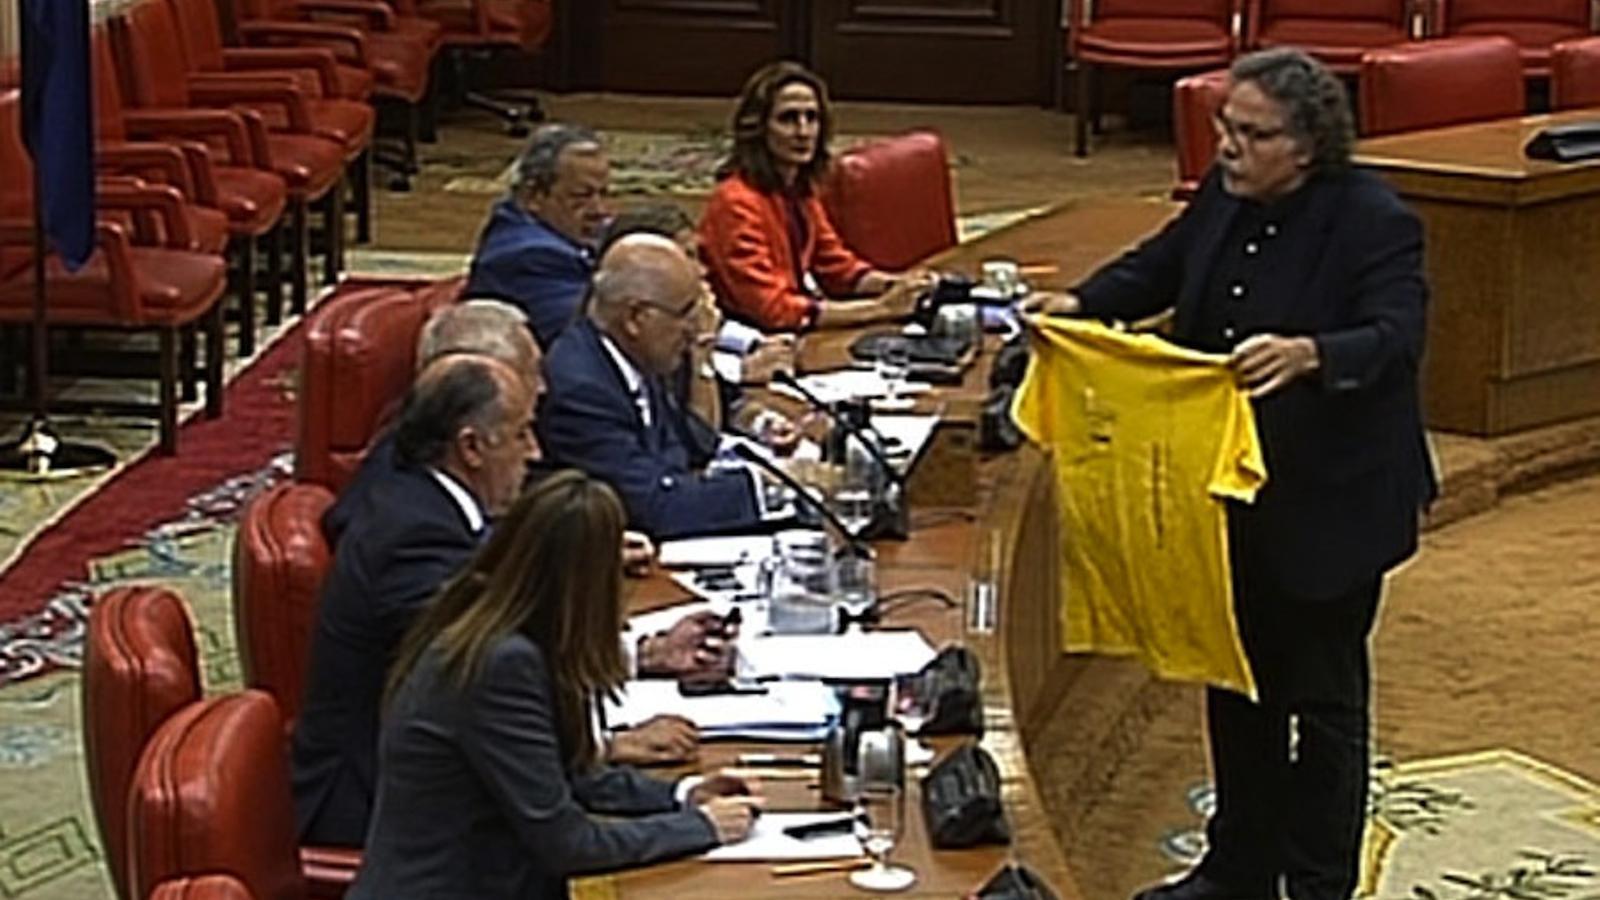 Tardà lliura a Margallo una samarreta de la Via Catalana